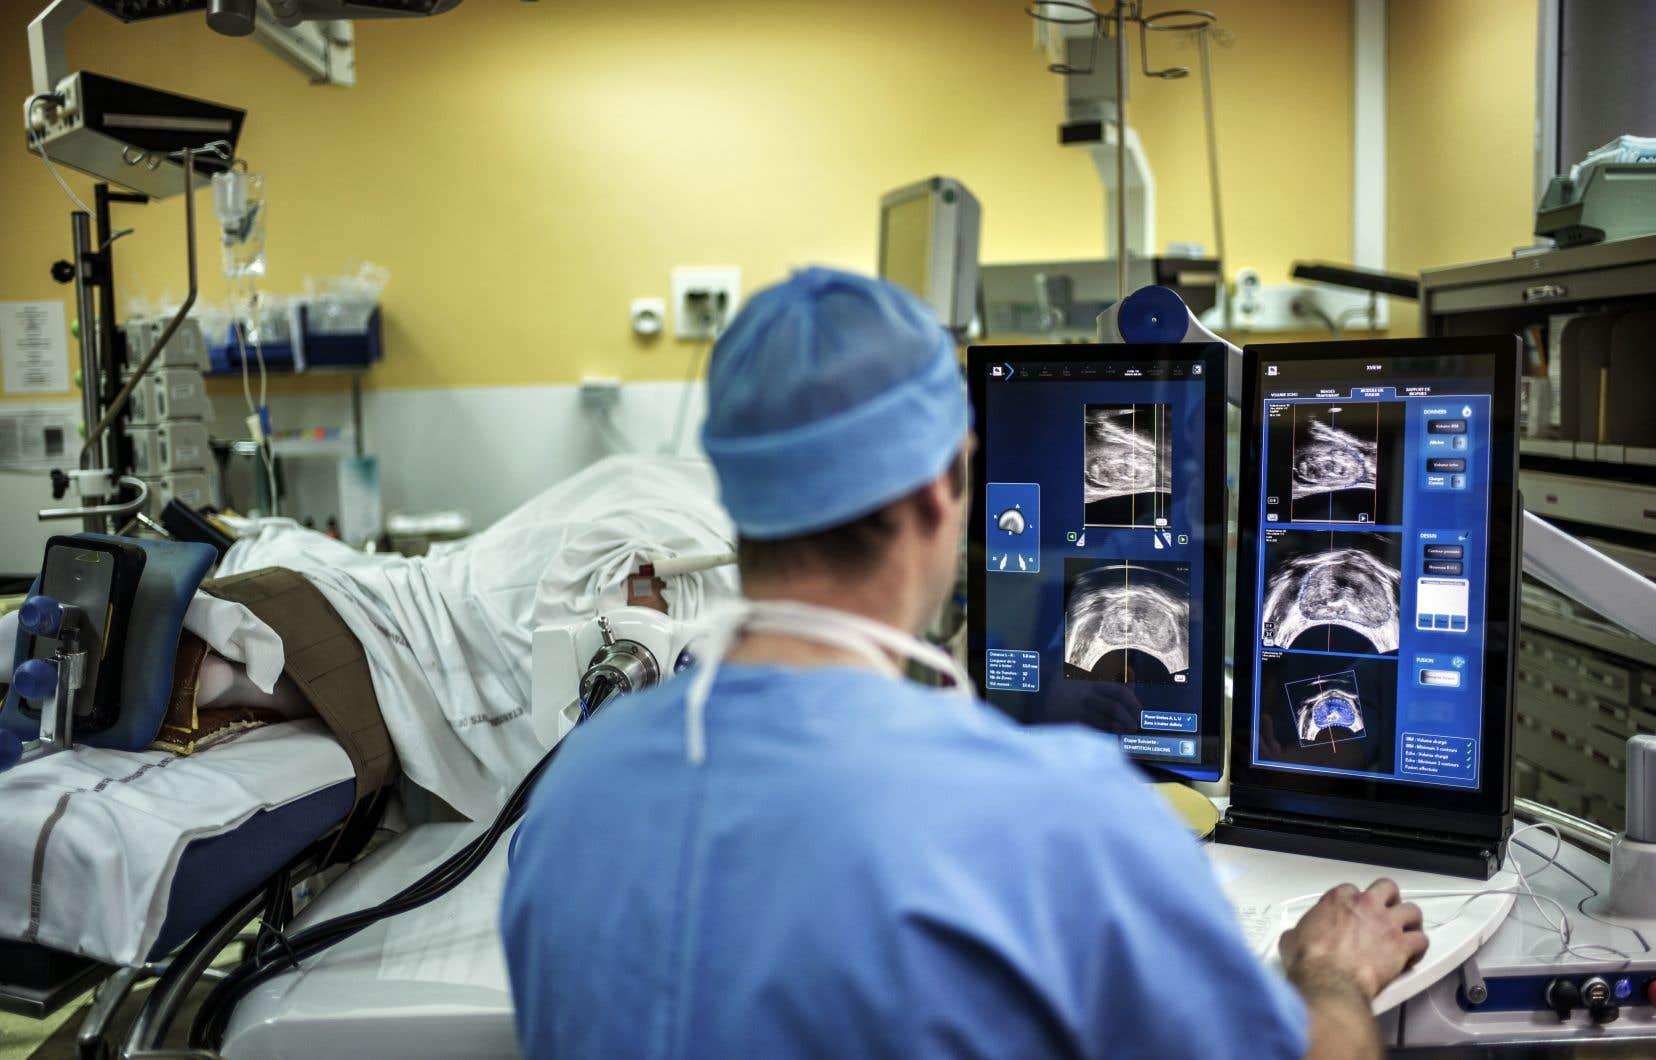 Une grande proportion des cancers sont indolents, il serait préférable de ne pas les traiter précocement, selon le Collège des médecins.